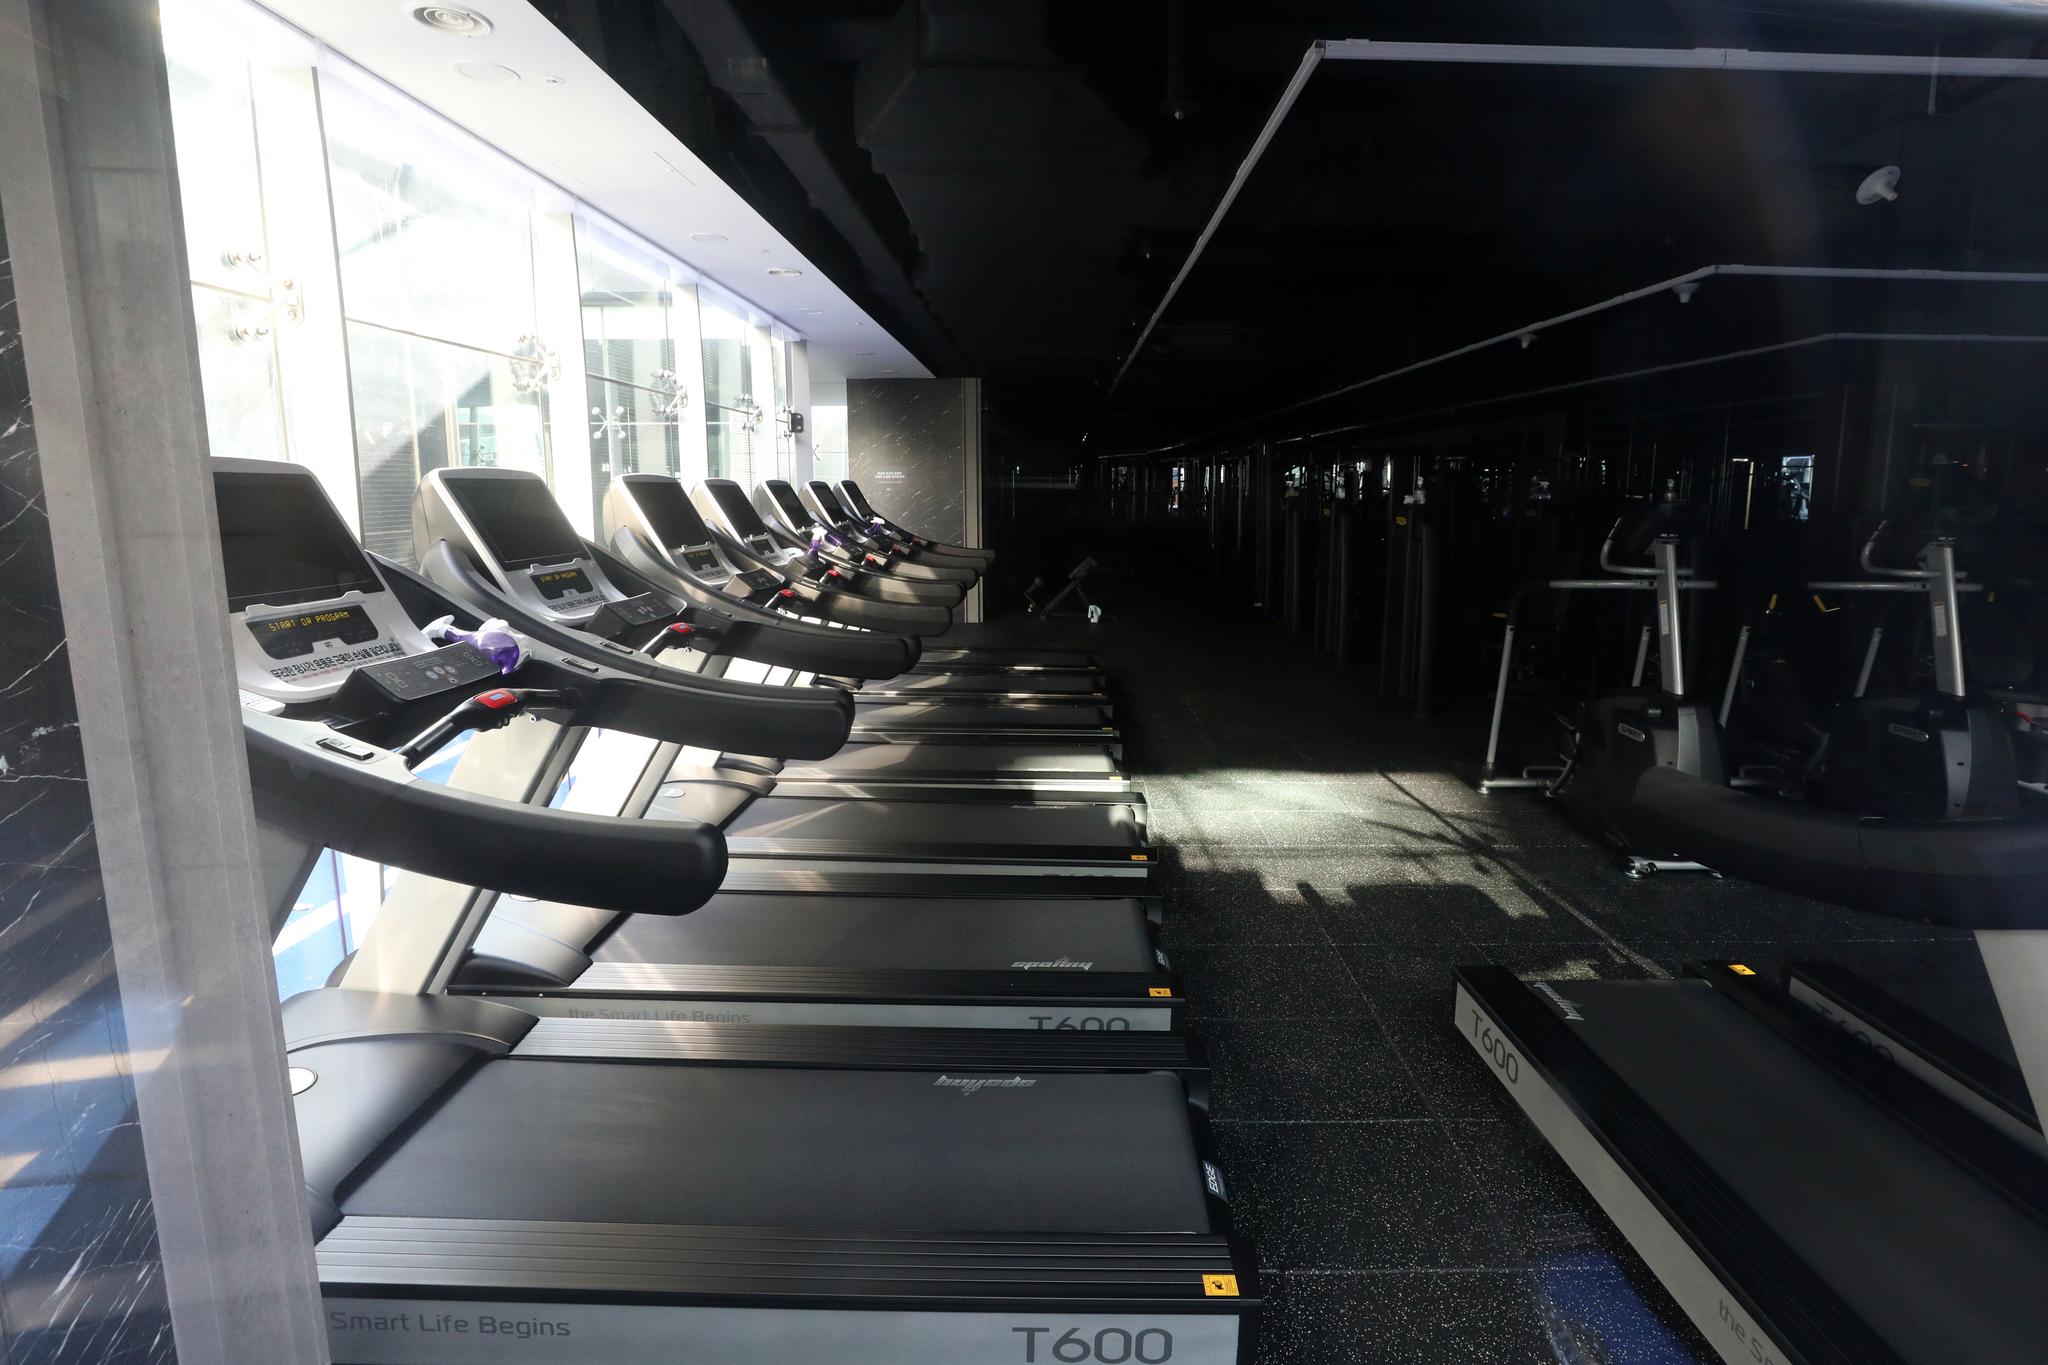 이제 전국 5 인 회의 금지 … 스키장 개장, 체육관 재개.